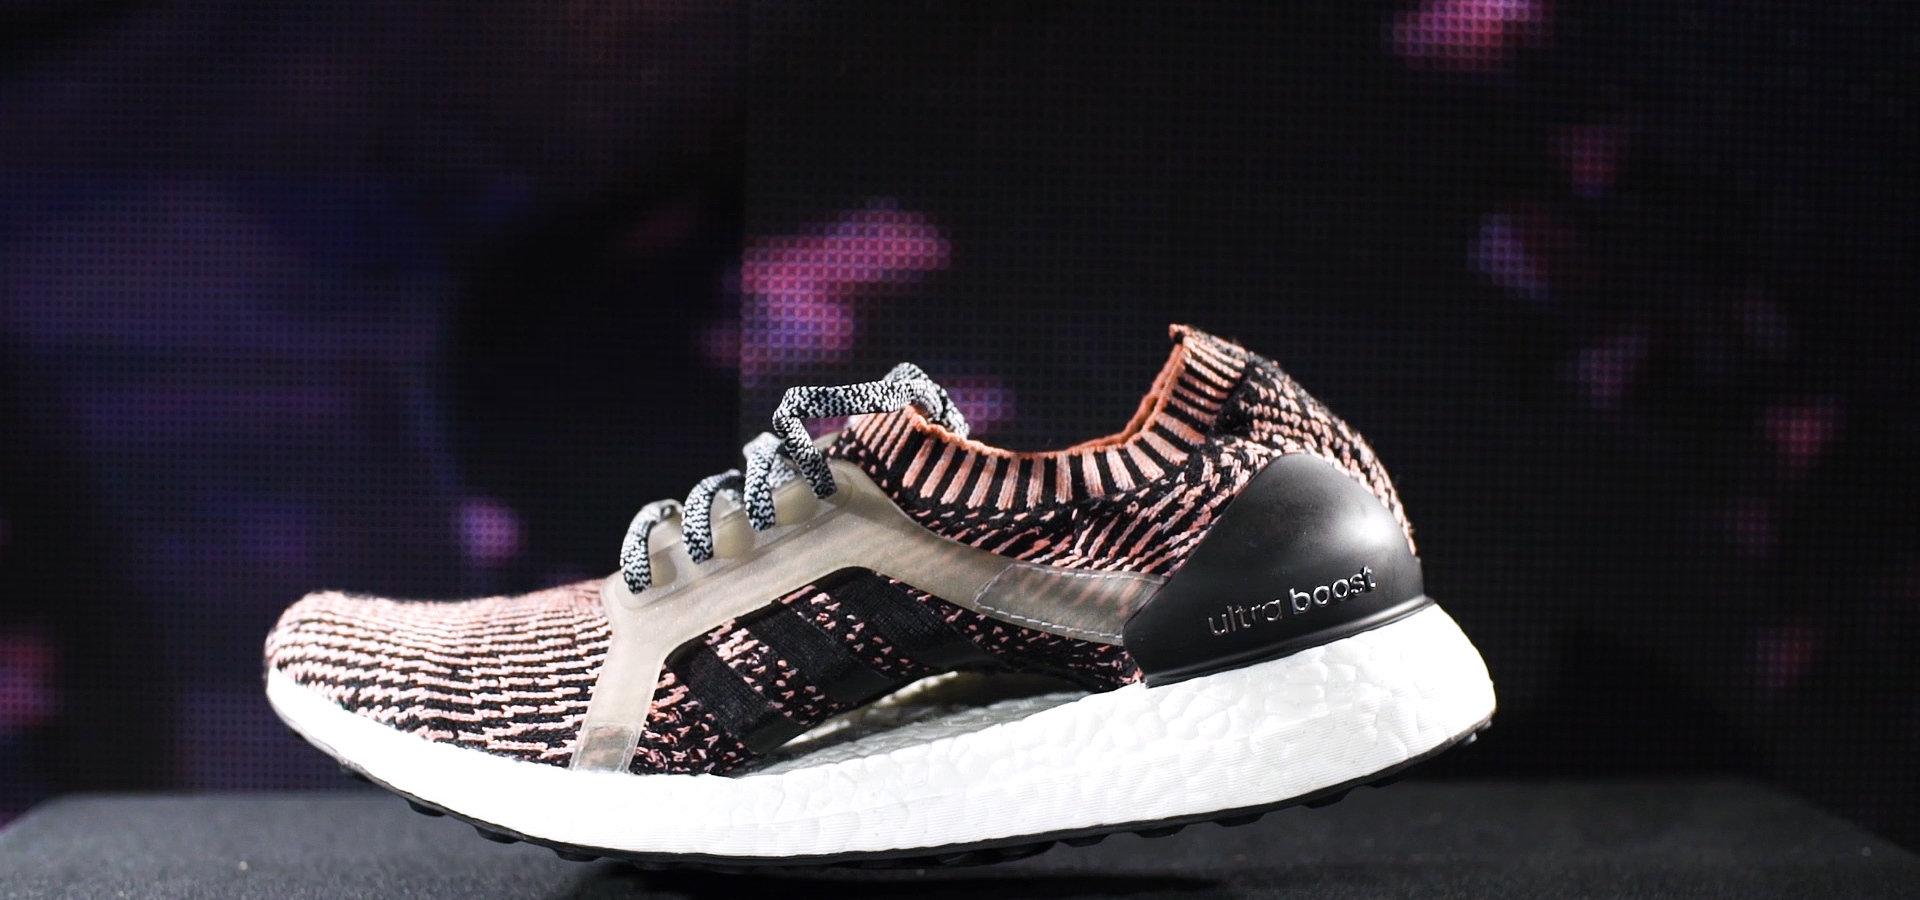 Adidas wprowadza na rynek model UltraBoost X eventem w przestrzeni adidas Warsaw Runners